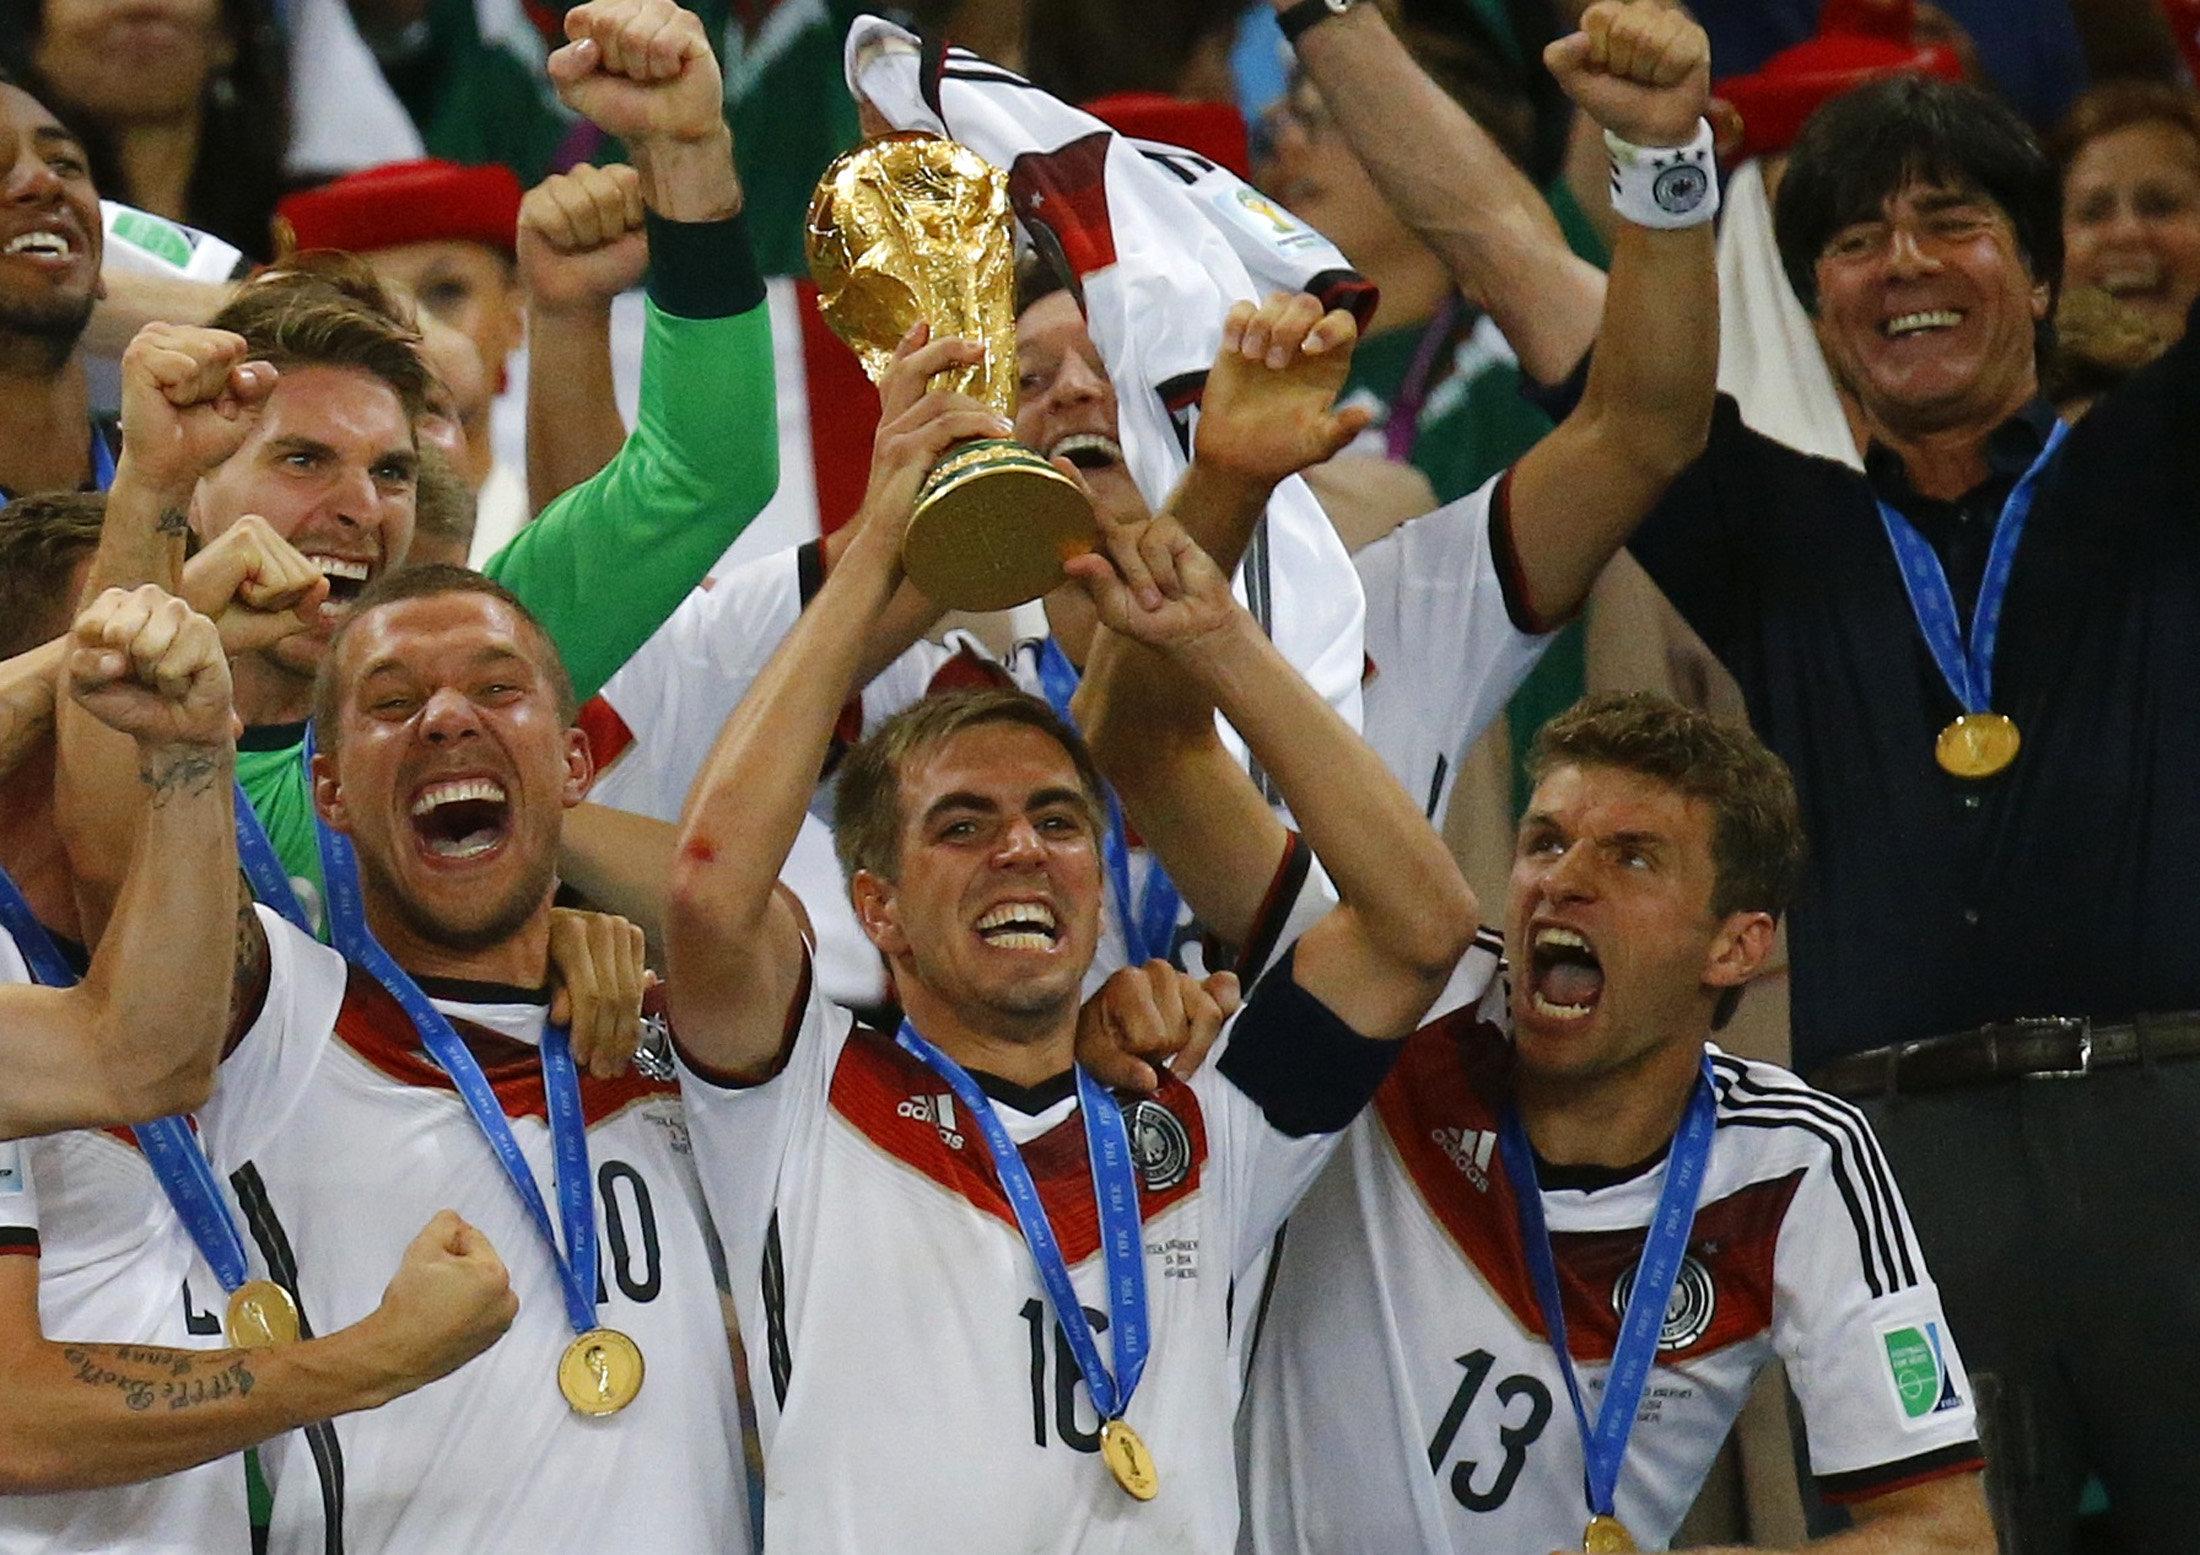 WM-Finale: Wieso ein Deutscher trotzdem den Pokal halten wird